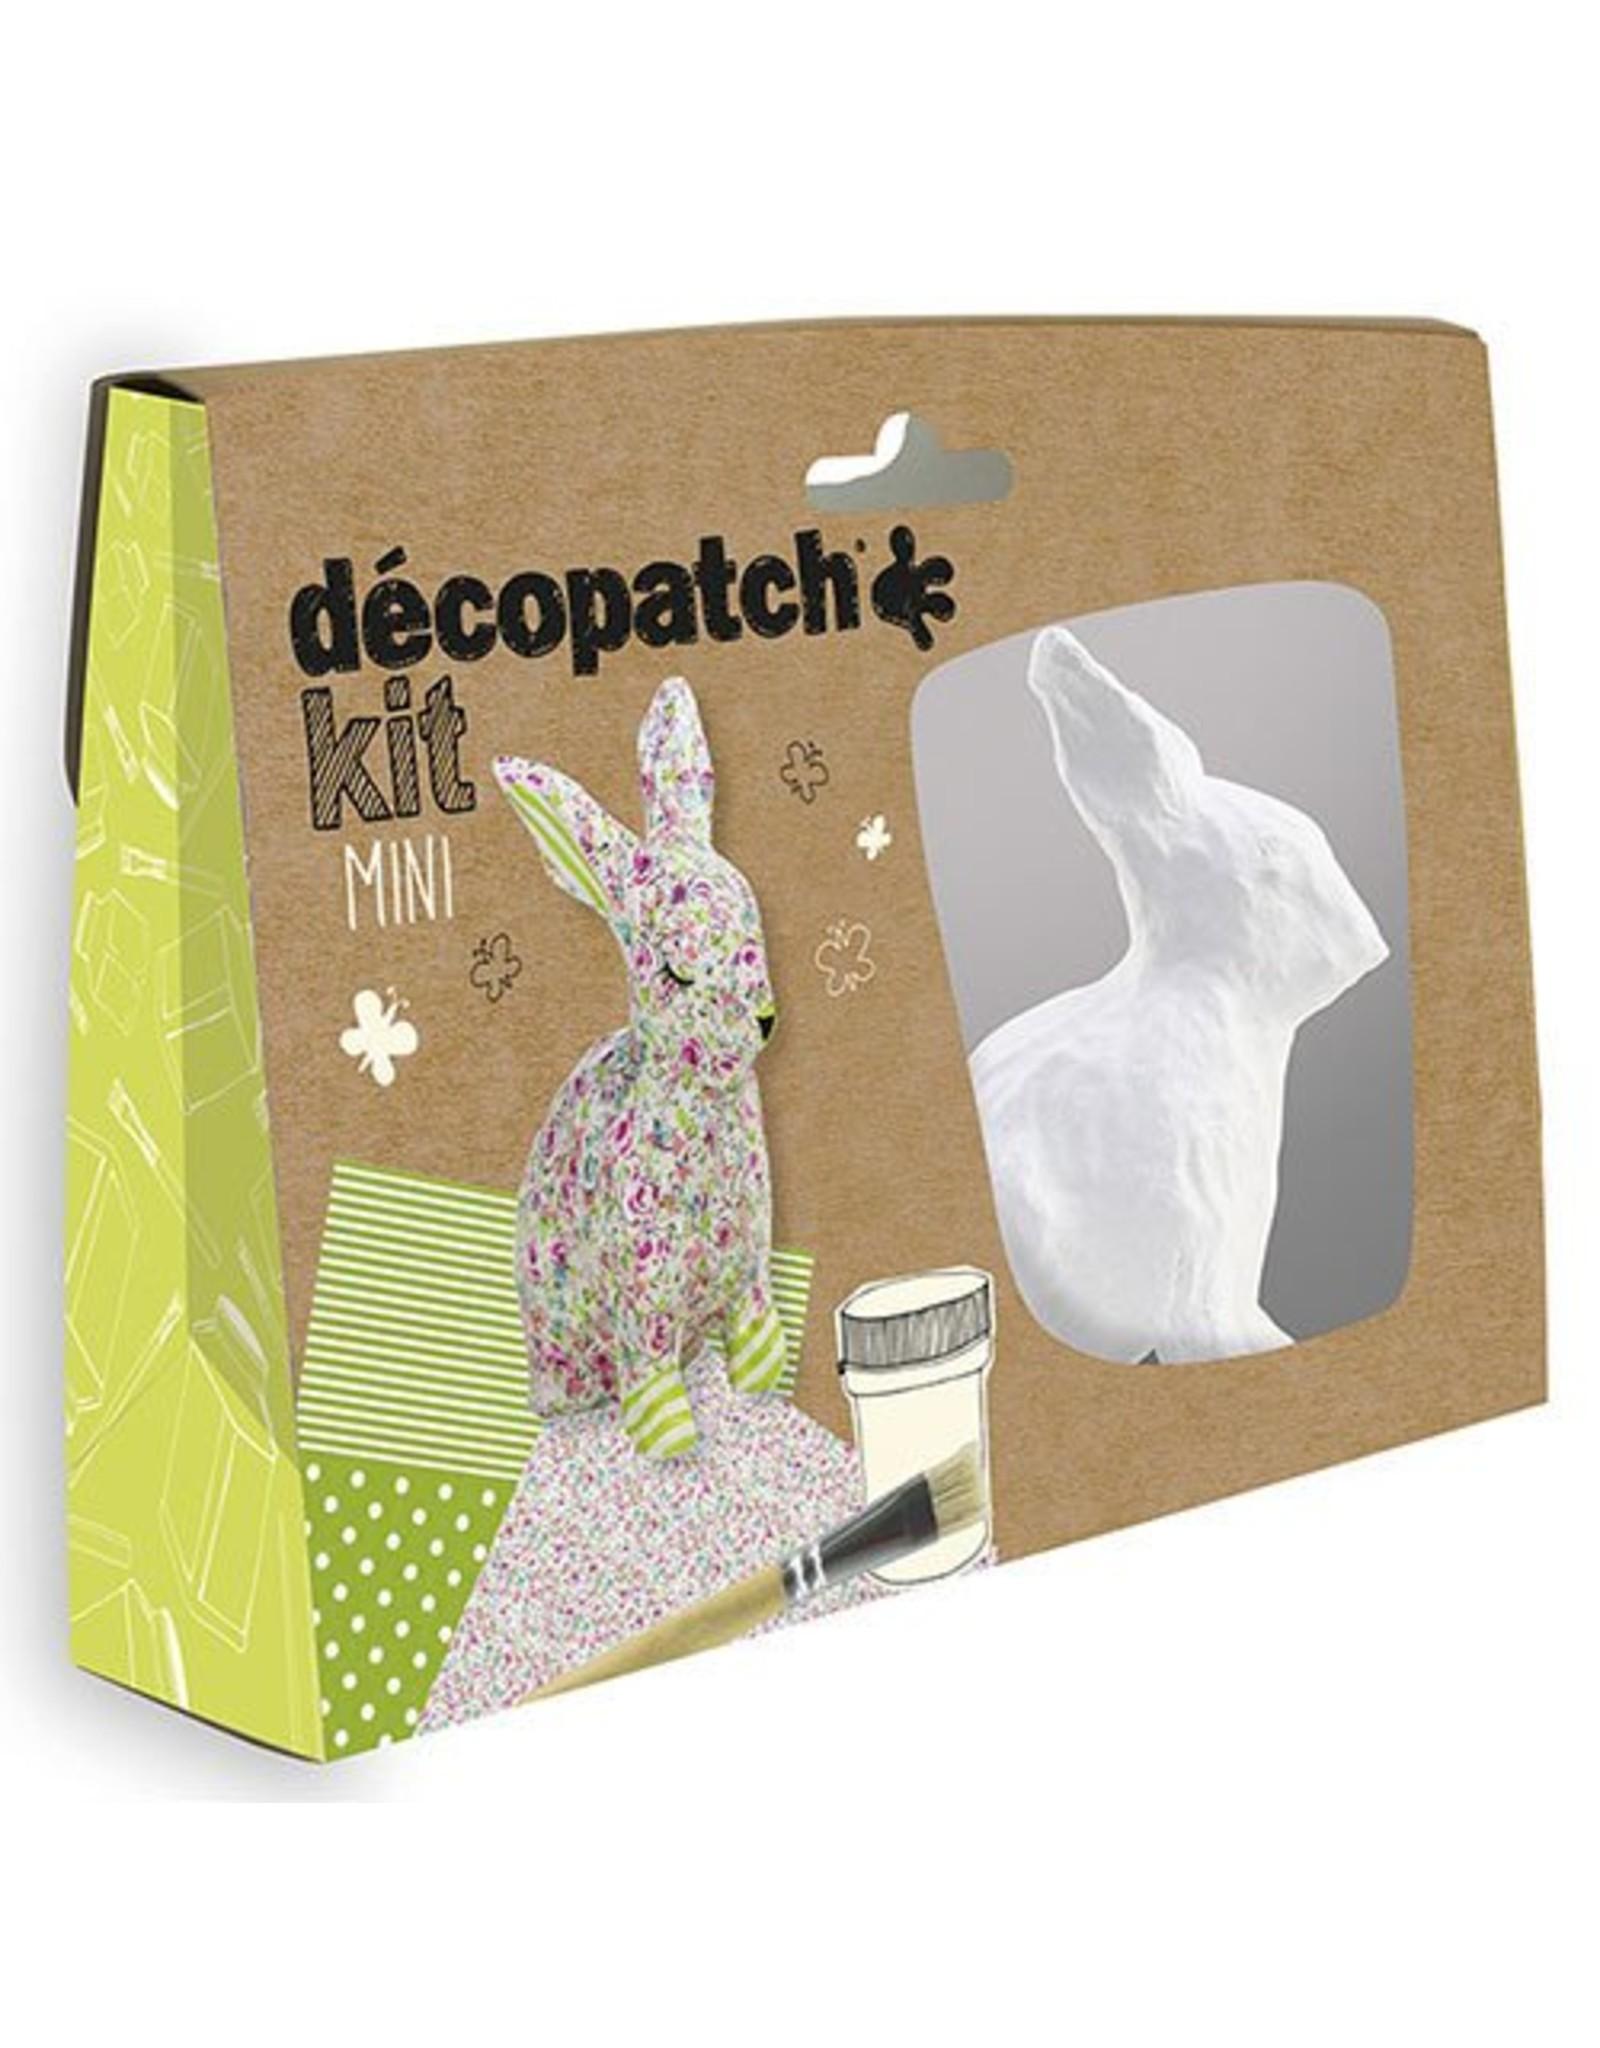 Decopatch Mini kit konijn décopatch